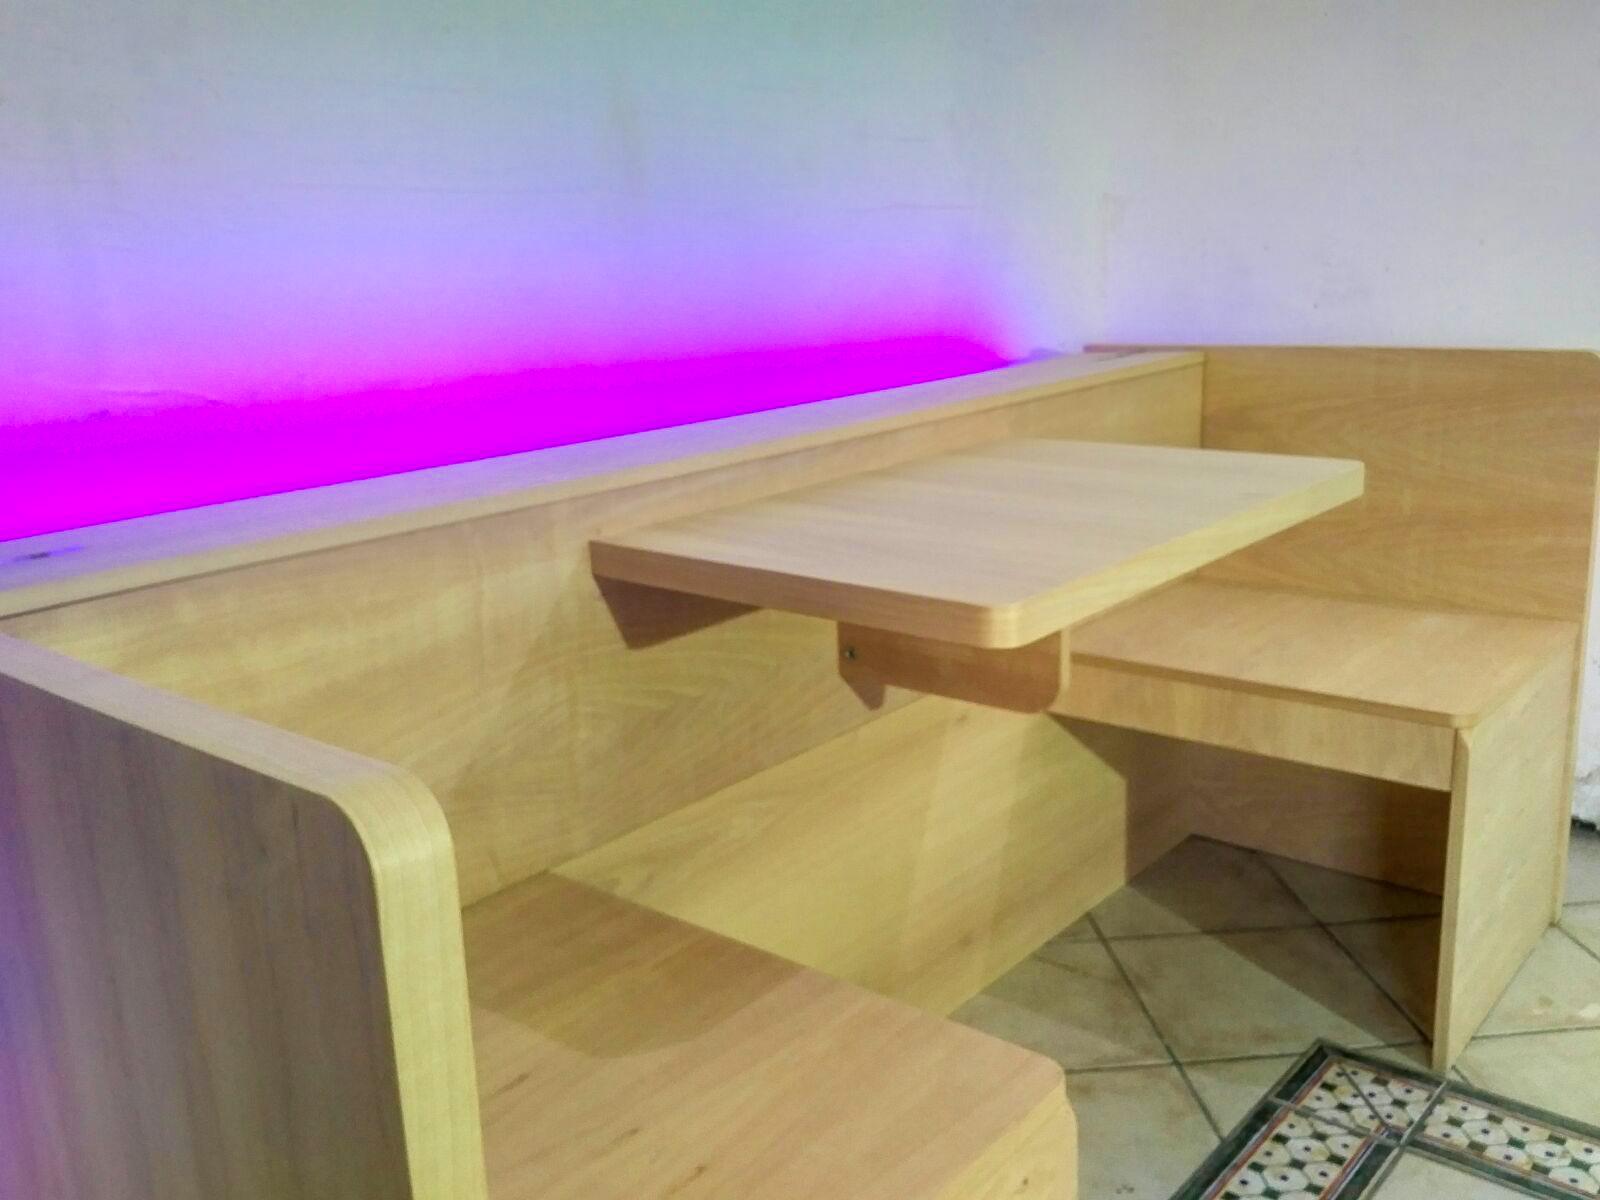 Tavolo o scrivania letto fast bed da appoggio - Tavolo da letto ...